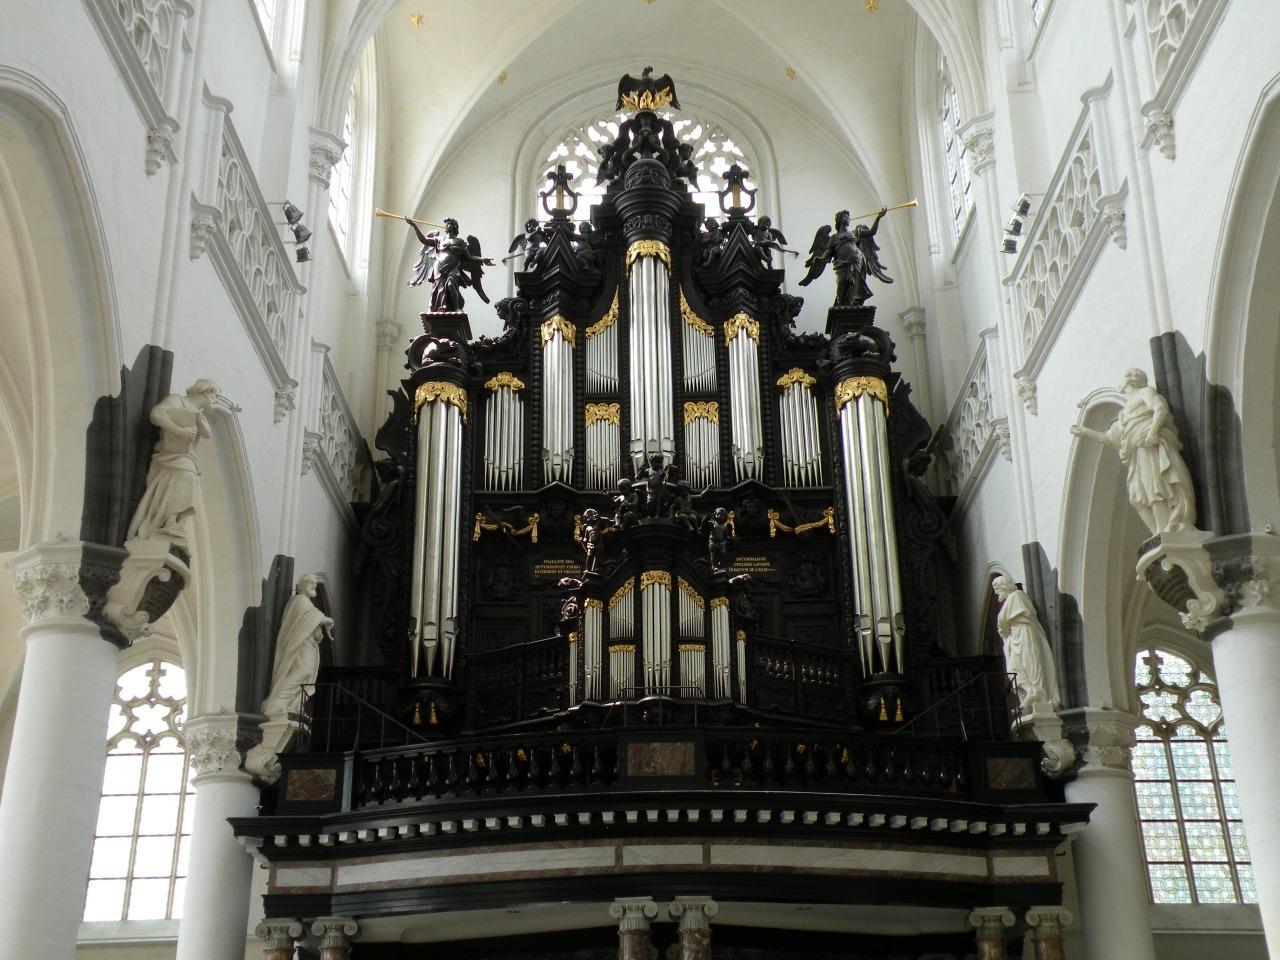 SourceSint-Pauluskerk Antwerpen Belgium.